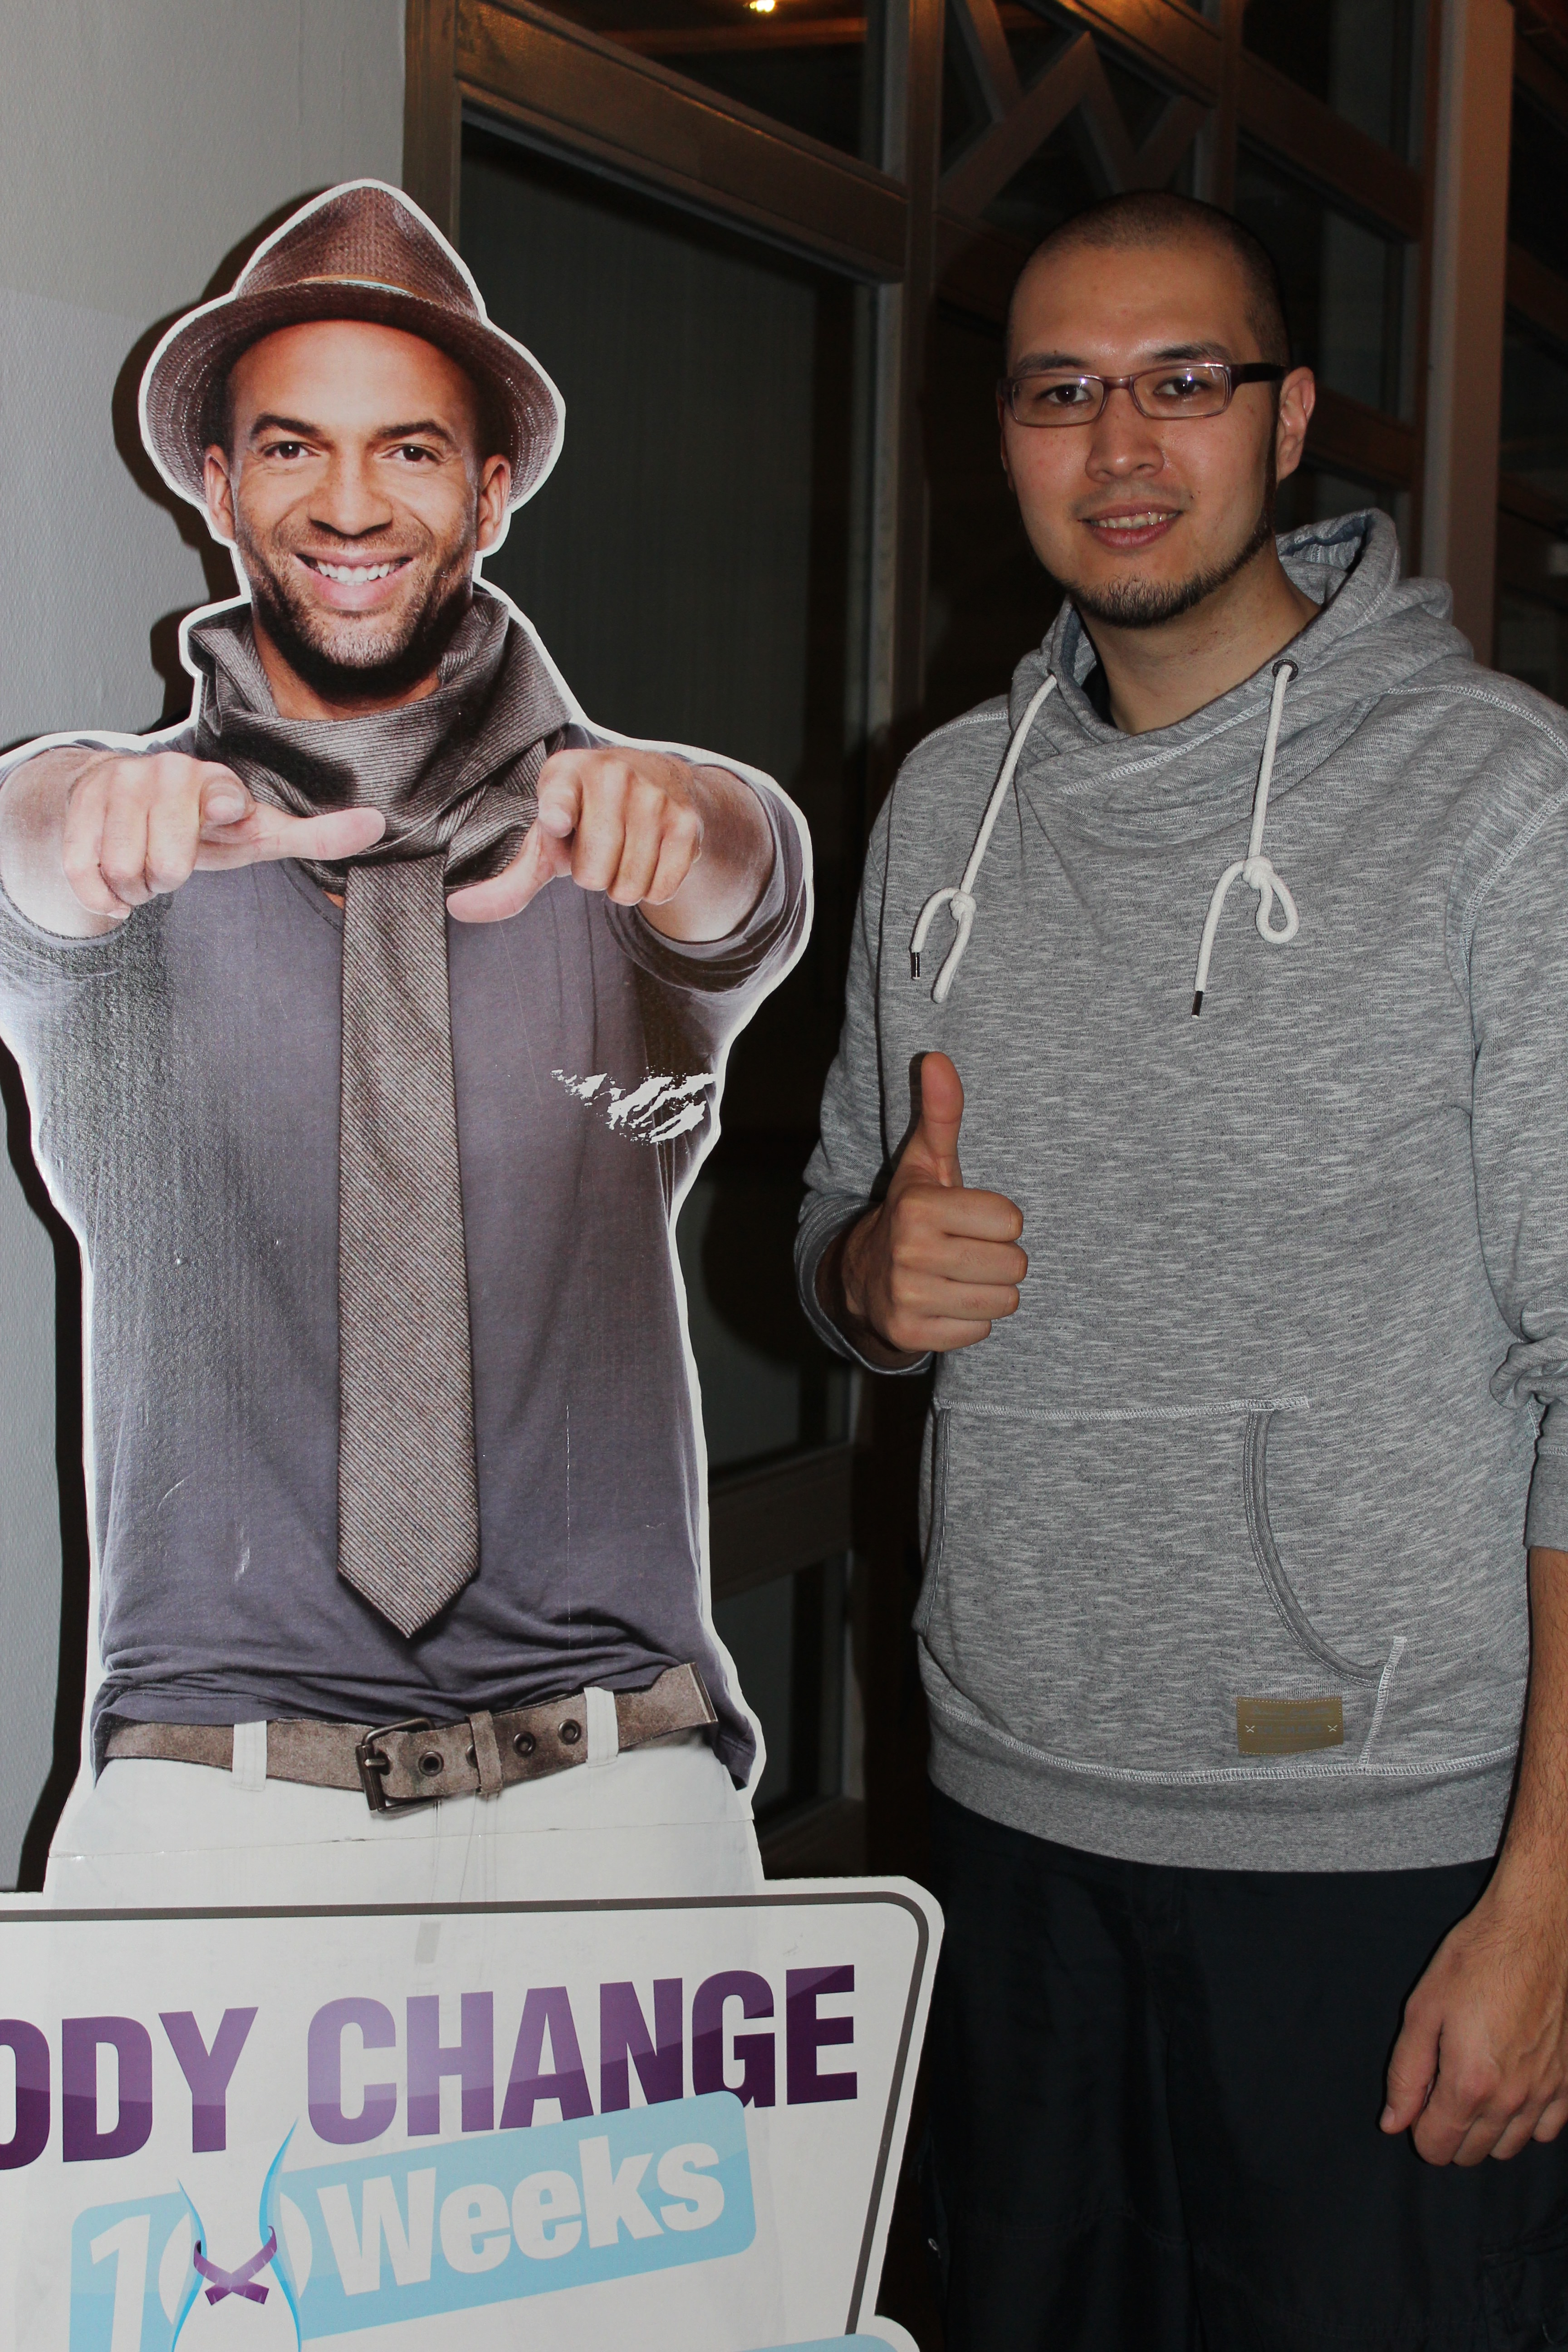 BodyChanger Dennis mit seinem Vorbild Detlef Soost